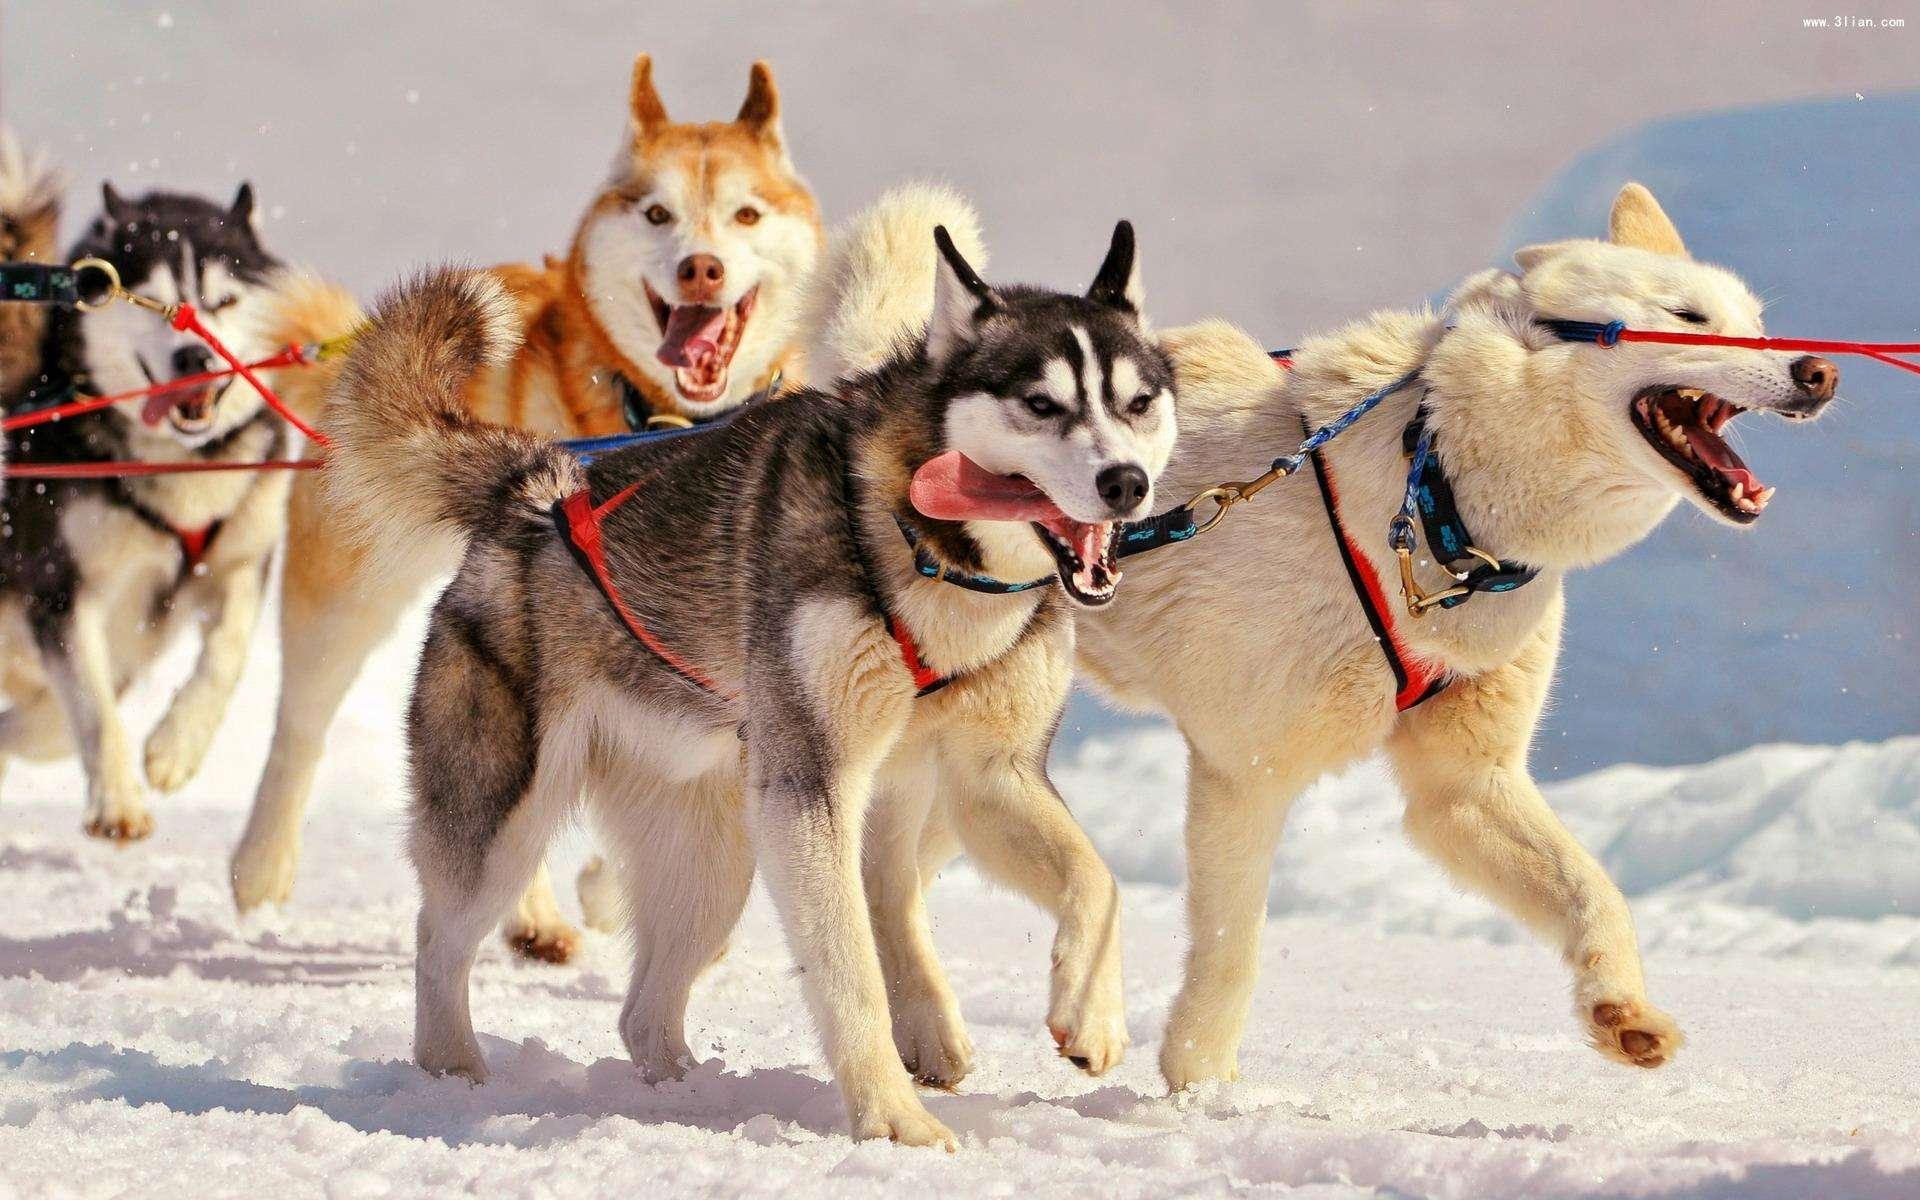 阿拉斯加雪橇犬怎么养